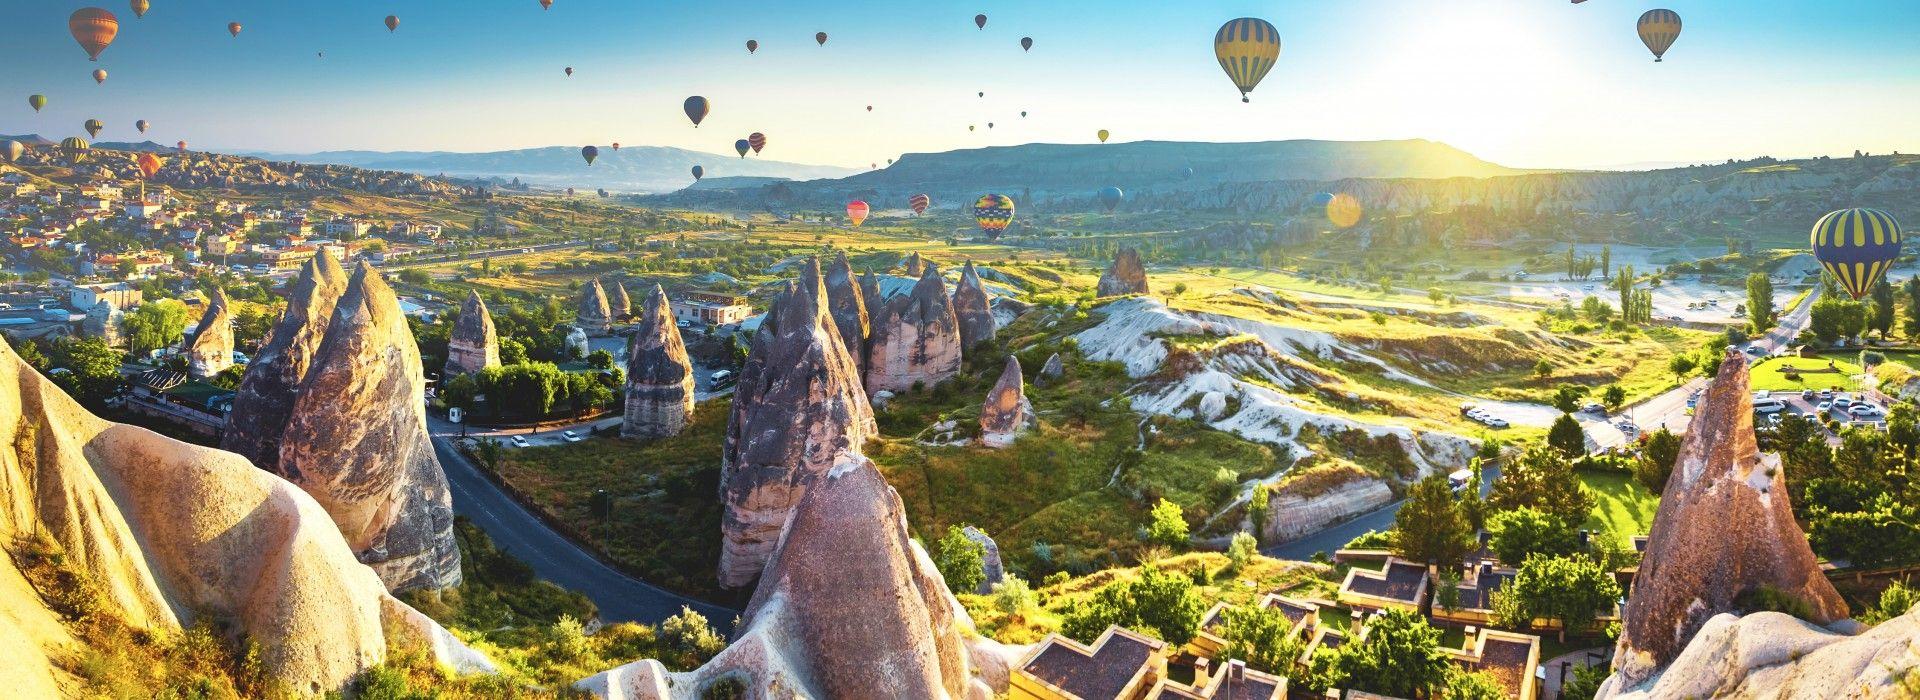 Adventure Tours in Turkey